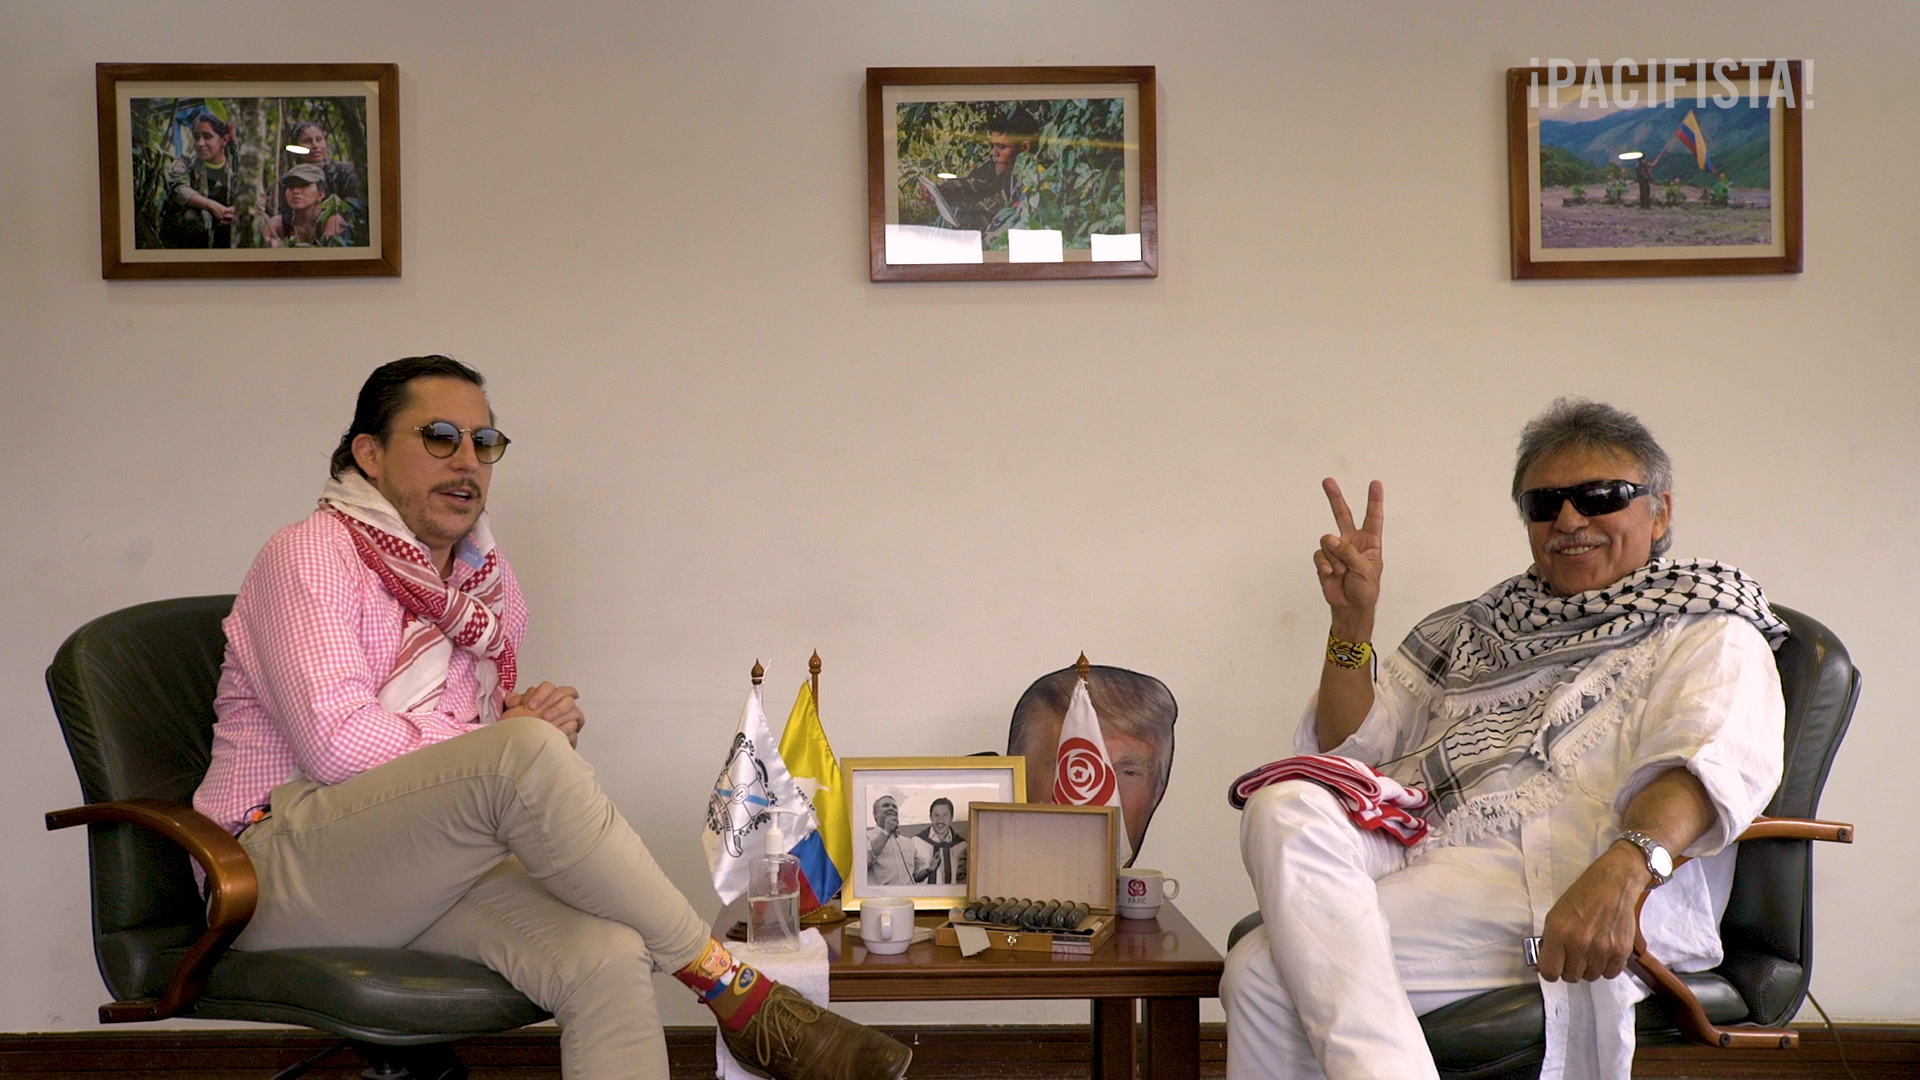 Juanpis González entrevista a Jesús Santrich